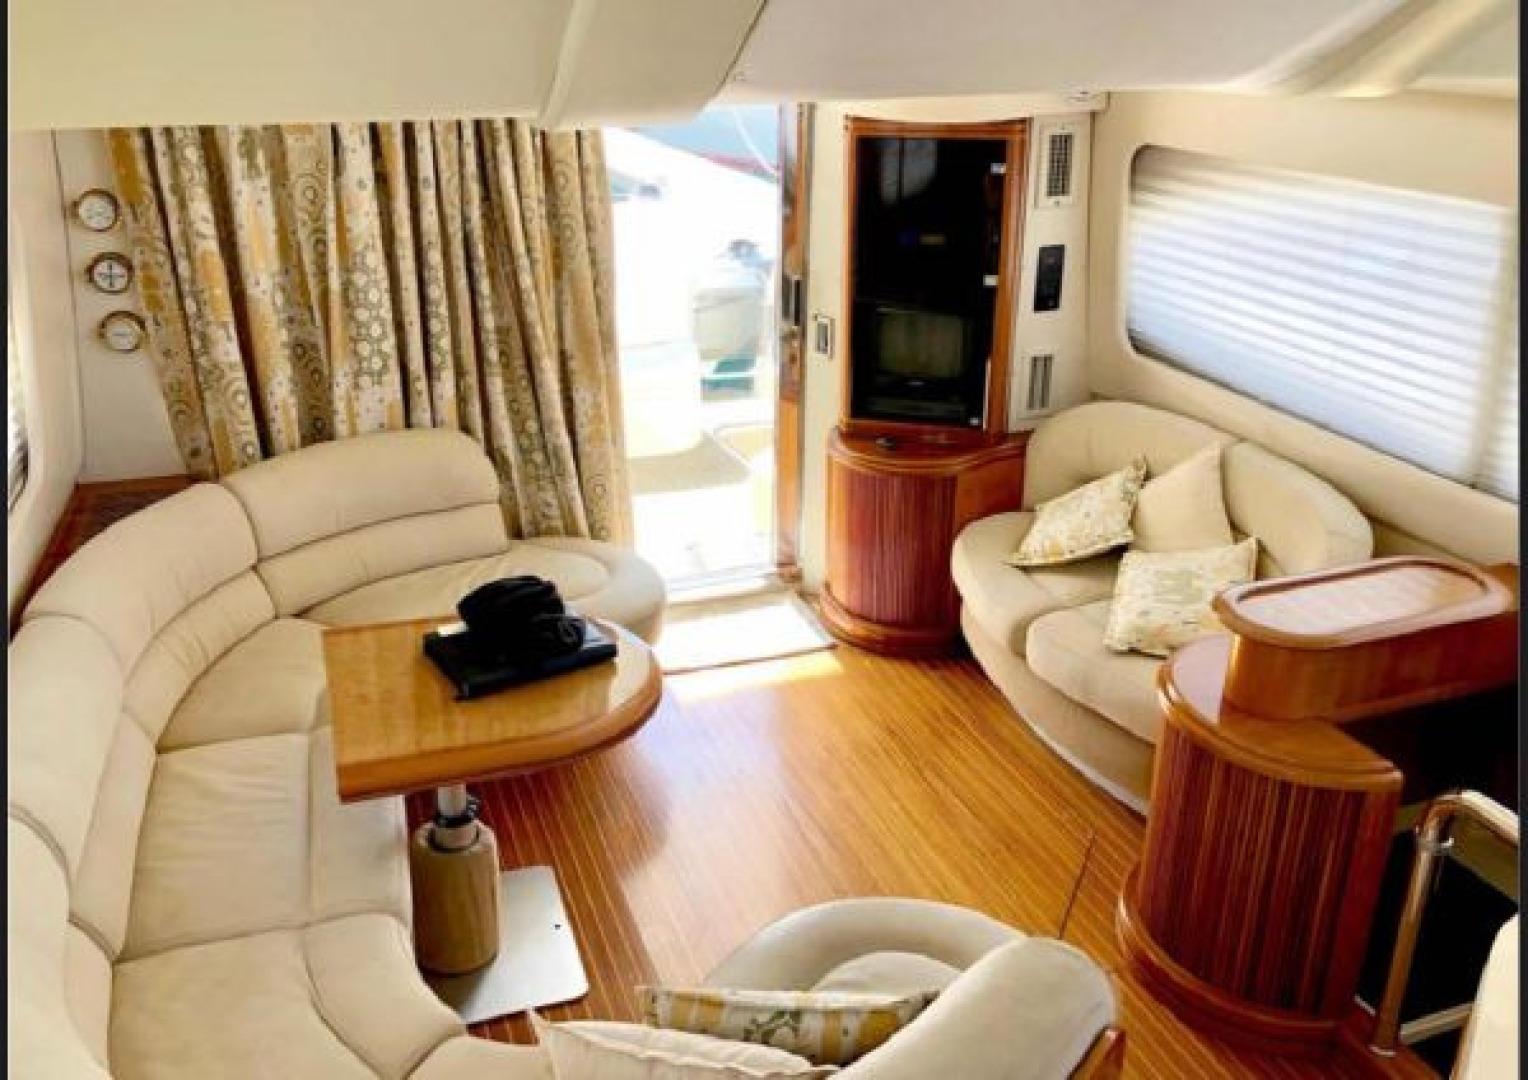 Azimut-Flybridge Motor Yacht 2000 -Boca Raton-Florida-United States-1564019 | Thumbnail